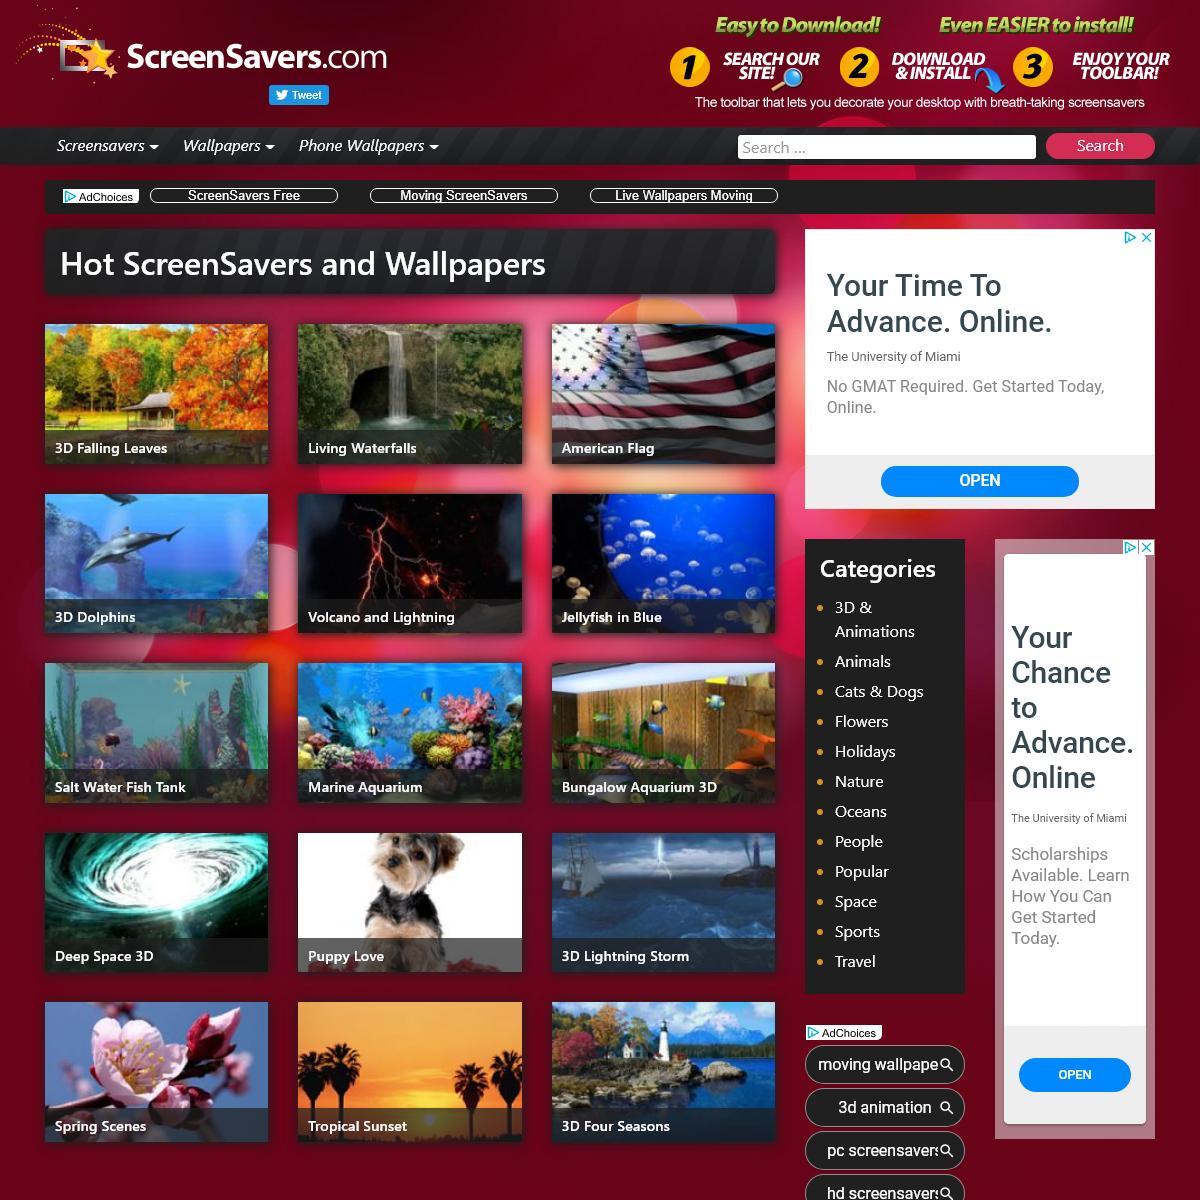 ScreenSavers.com – Free Screensavers